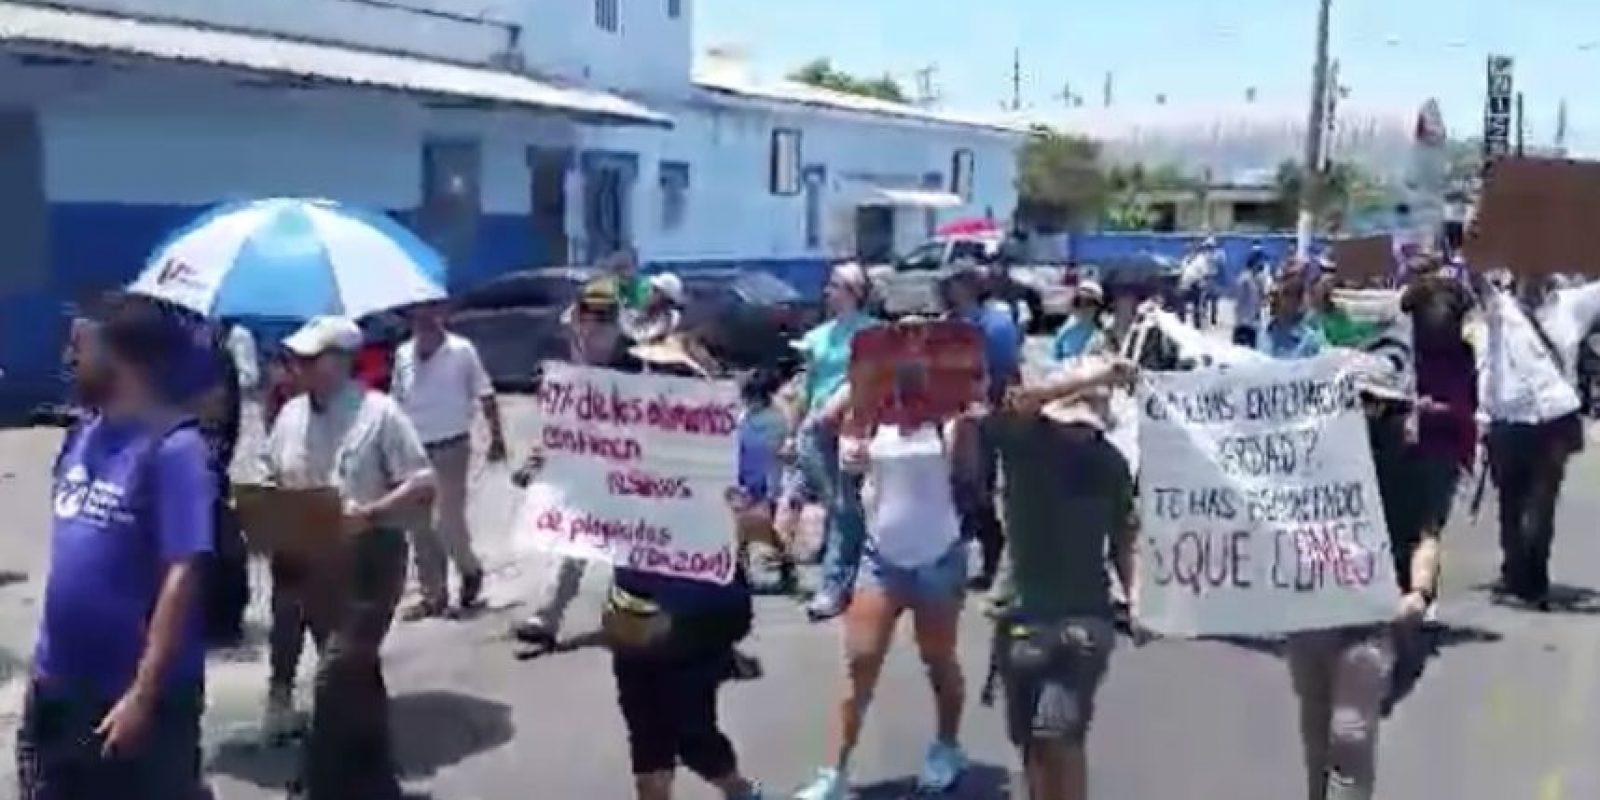 Manifestación en Ponce contra de Monsanto. Foto:Facebook. Imagen Por: